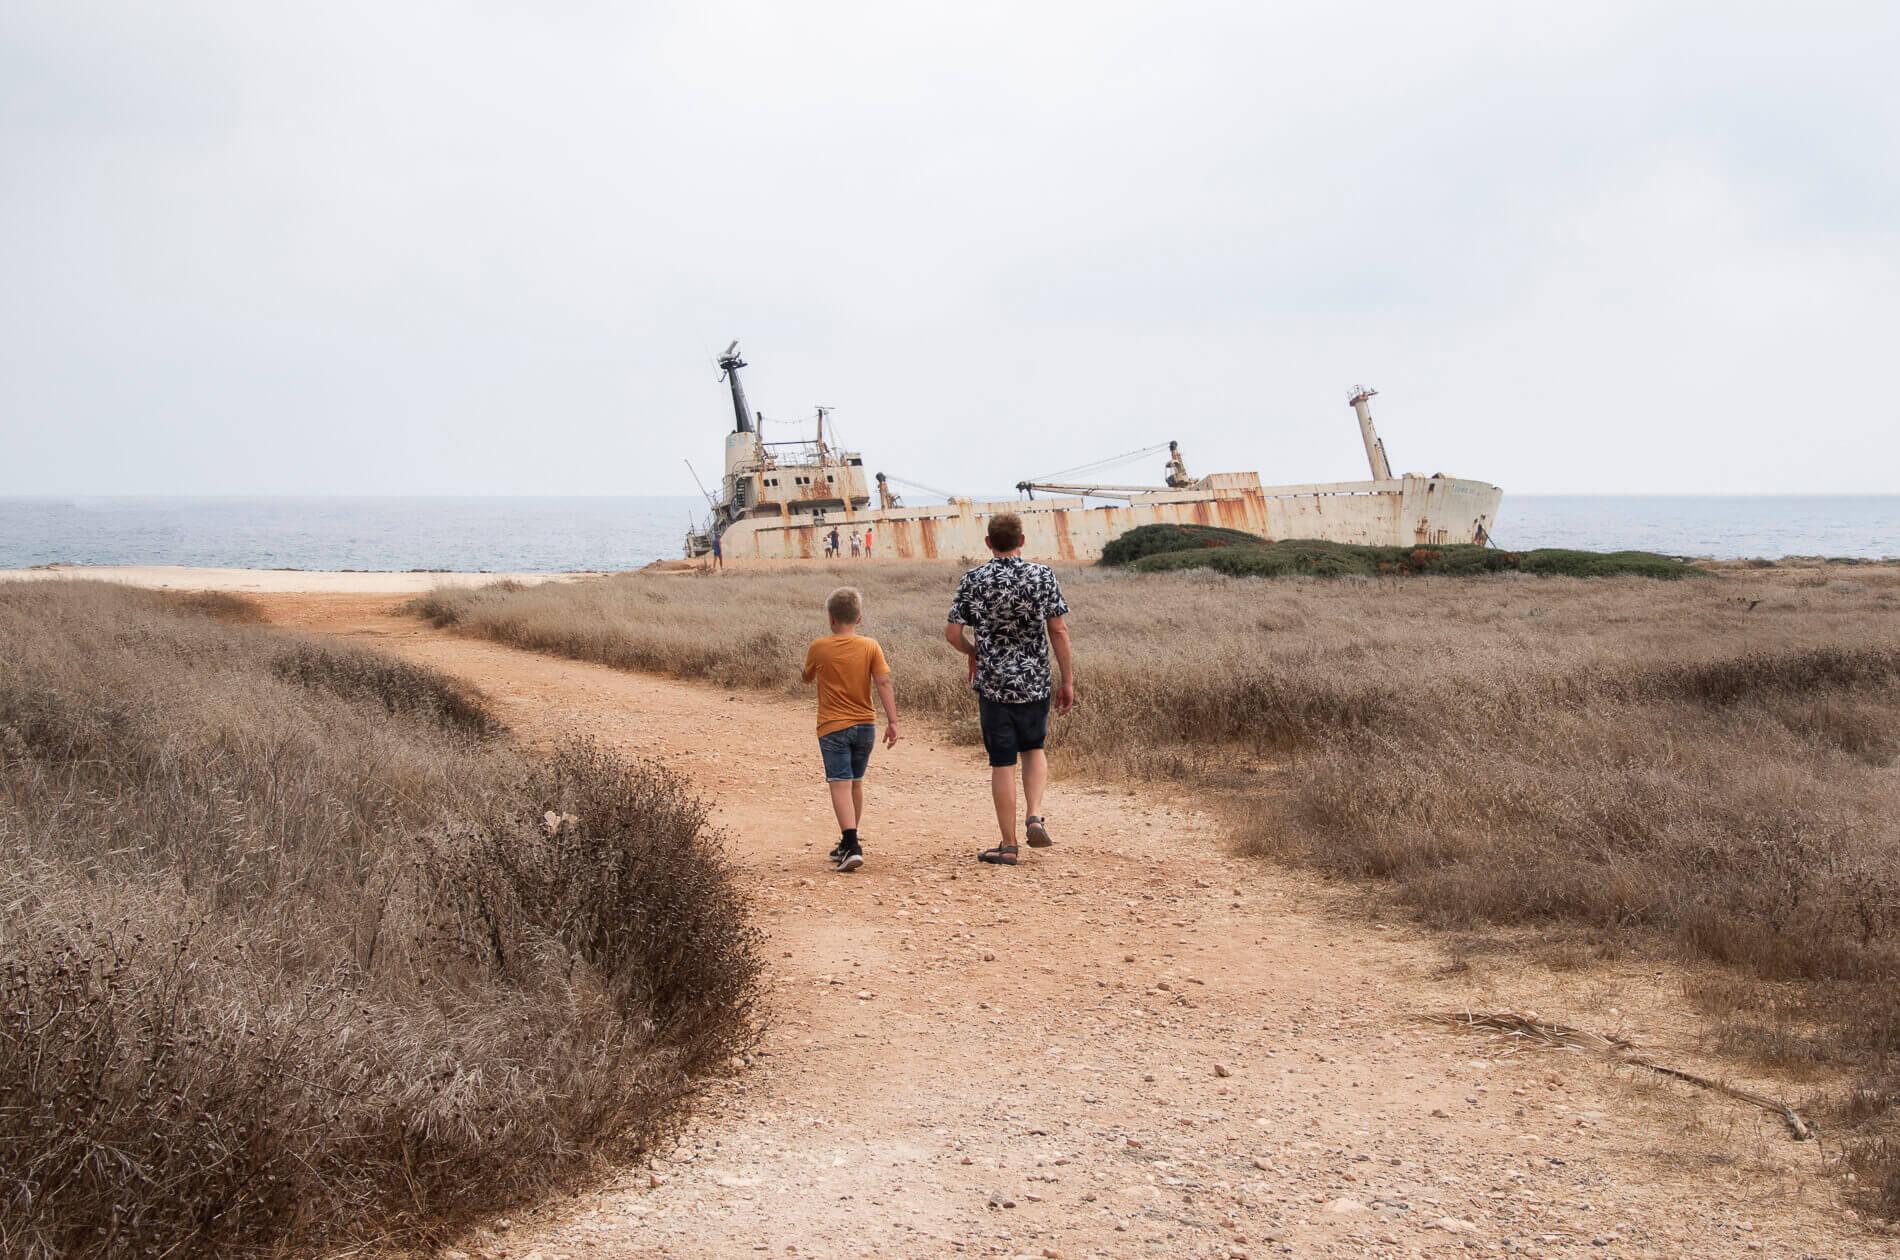 Edro III skibsvraget lå helt inde ved kysten, lidt nord for Coral Bay